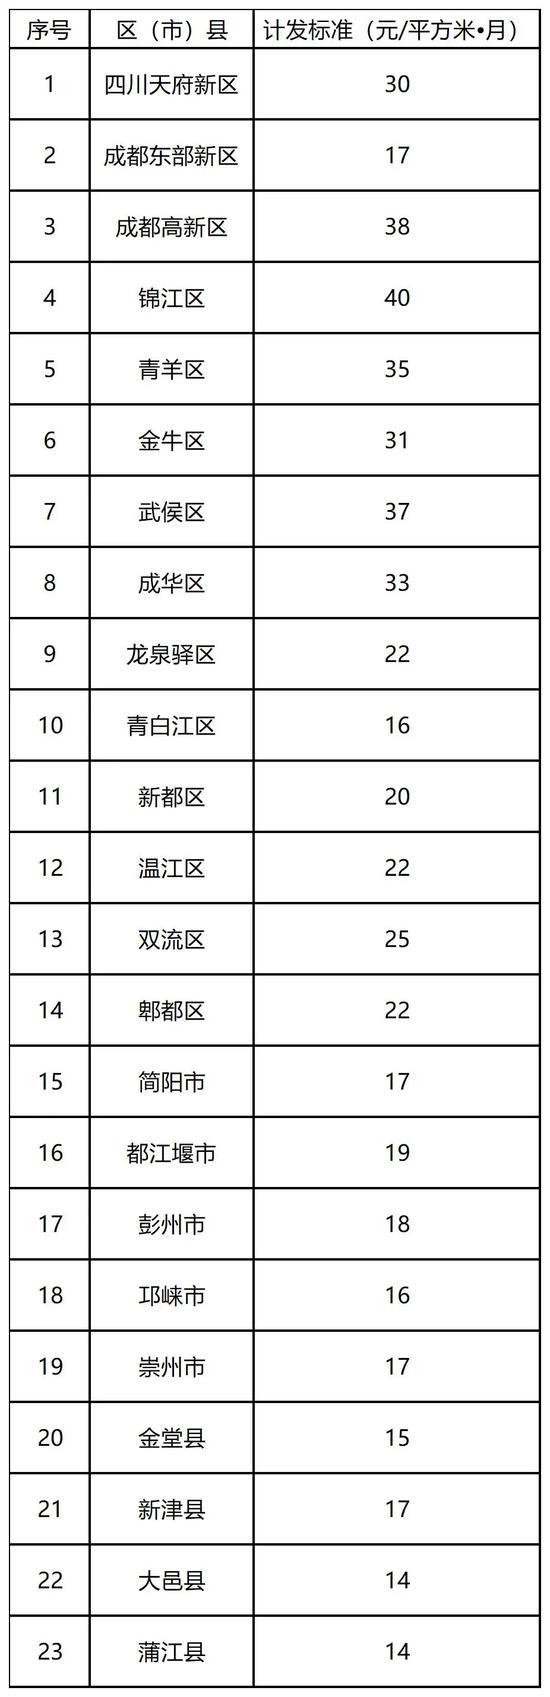 (成都市租赁补贴计发标准)